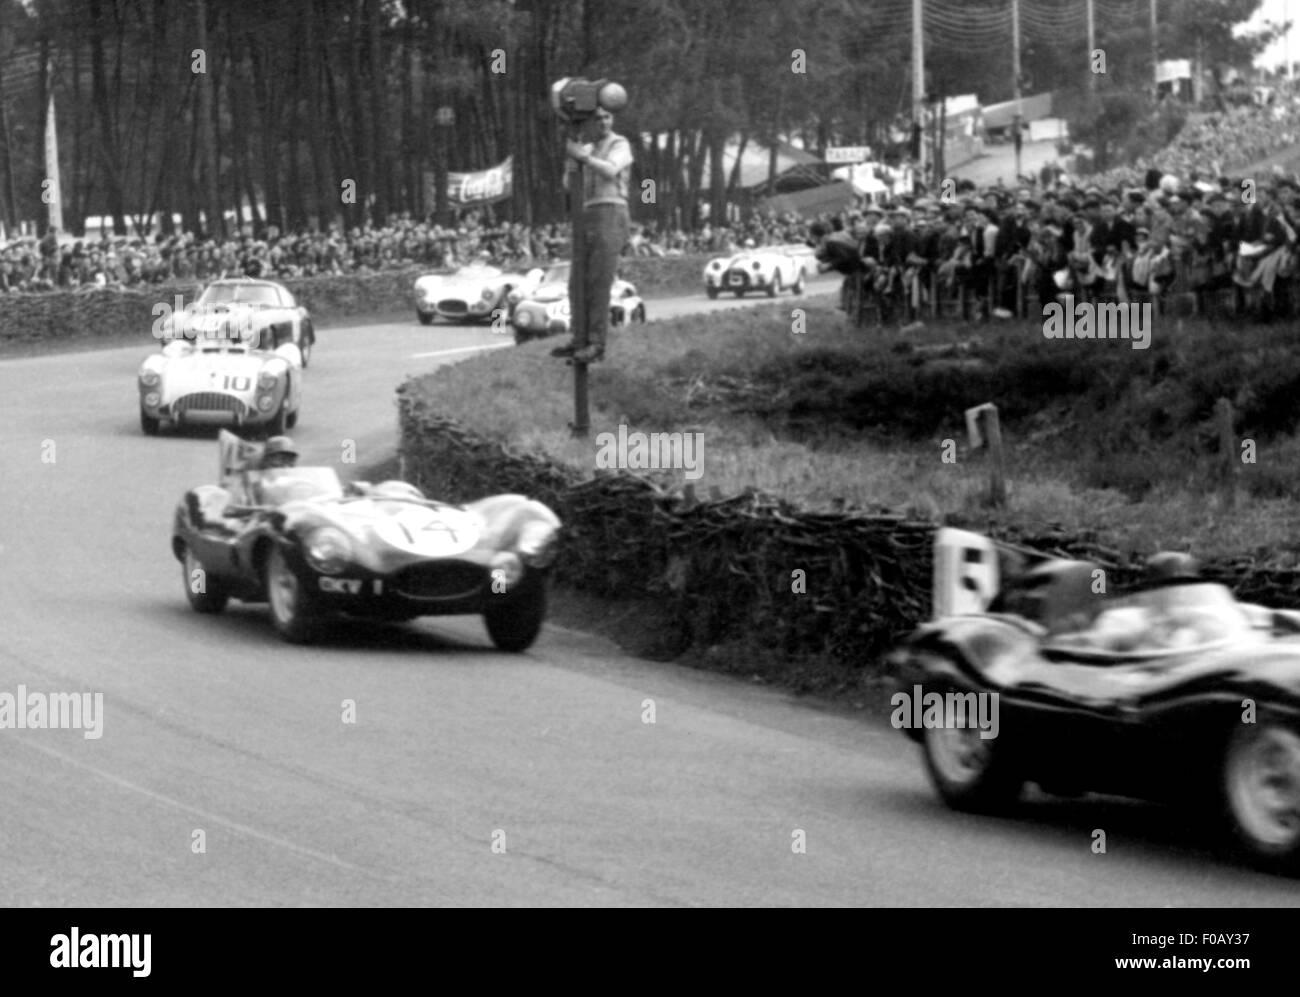 Le Mans 1954 - Stock Image